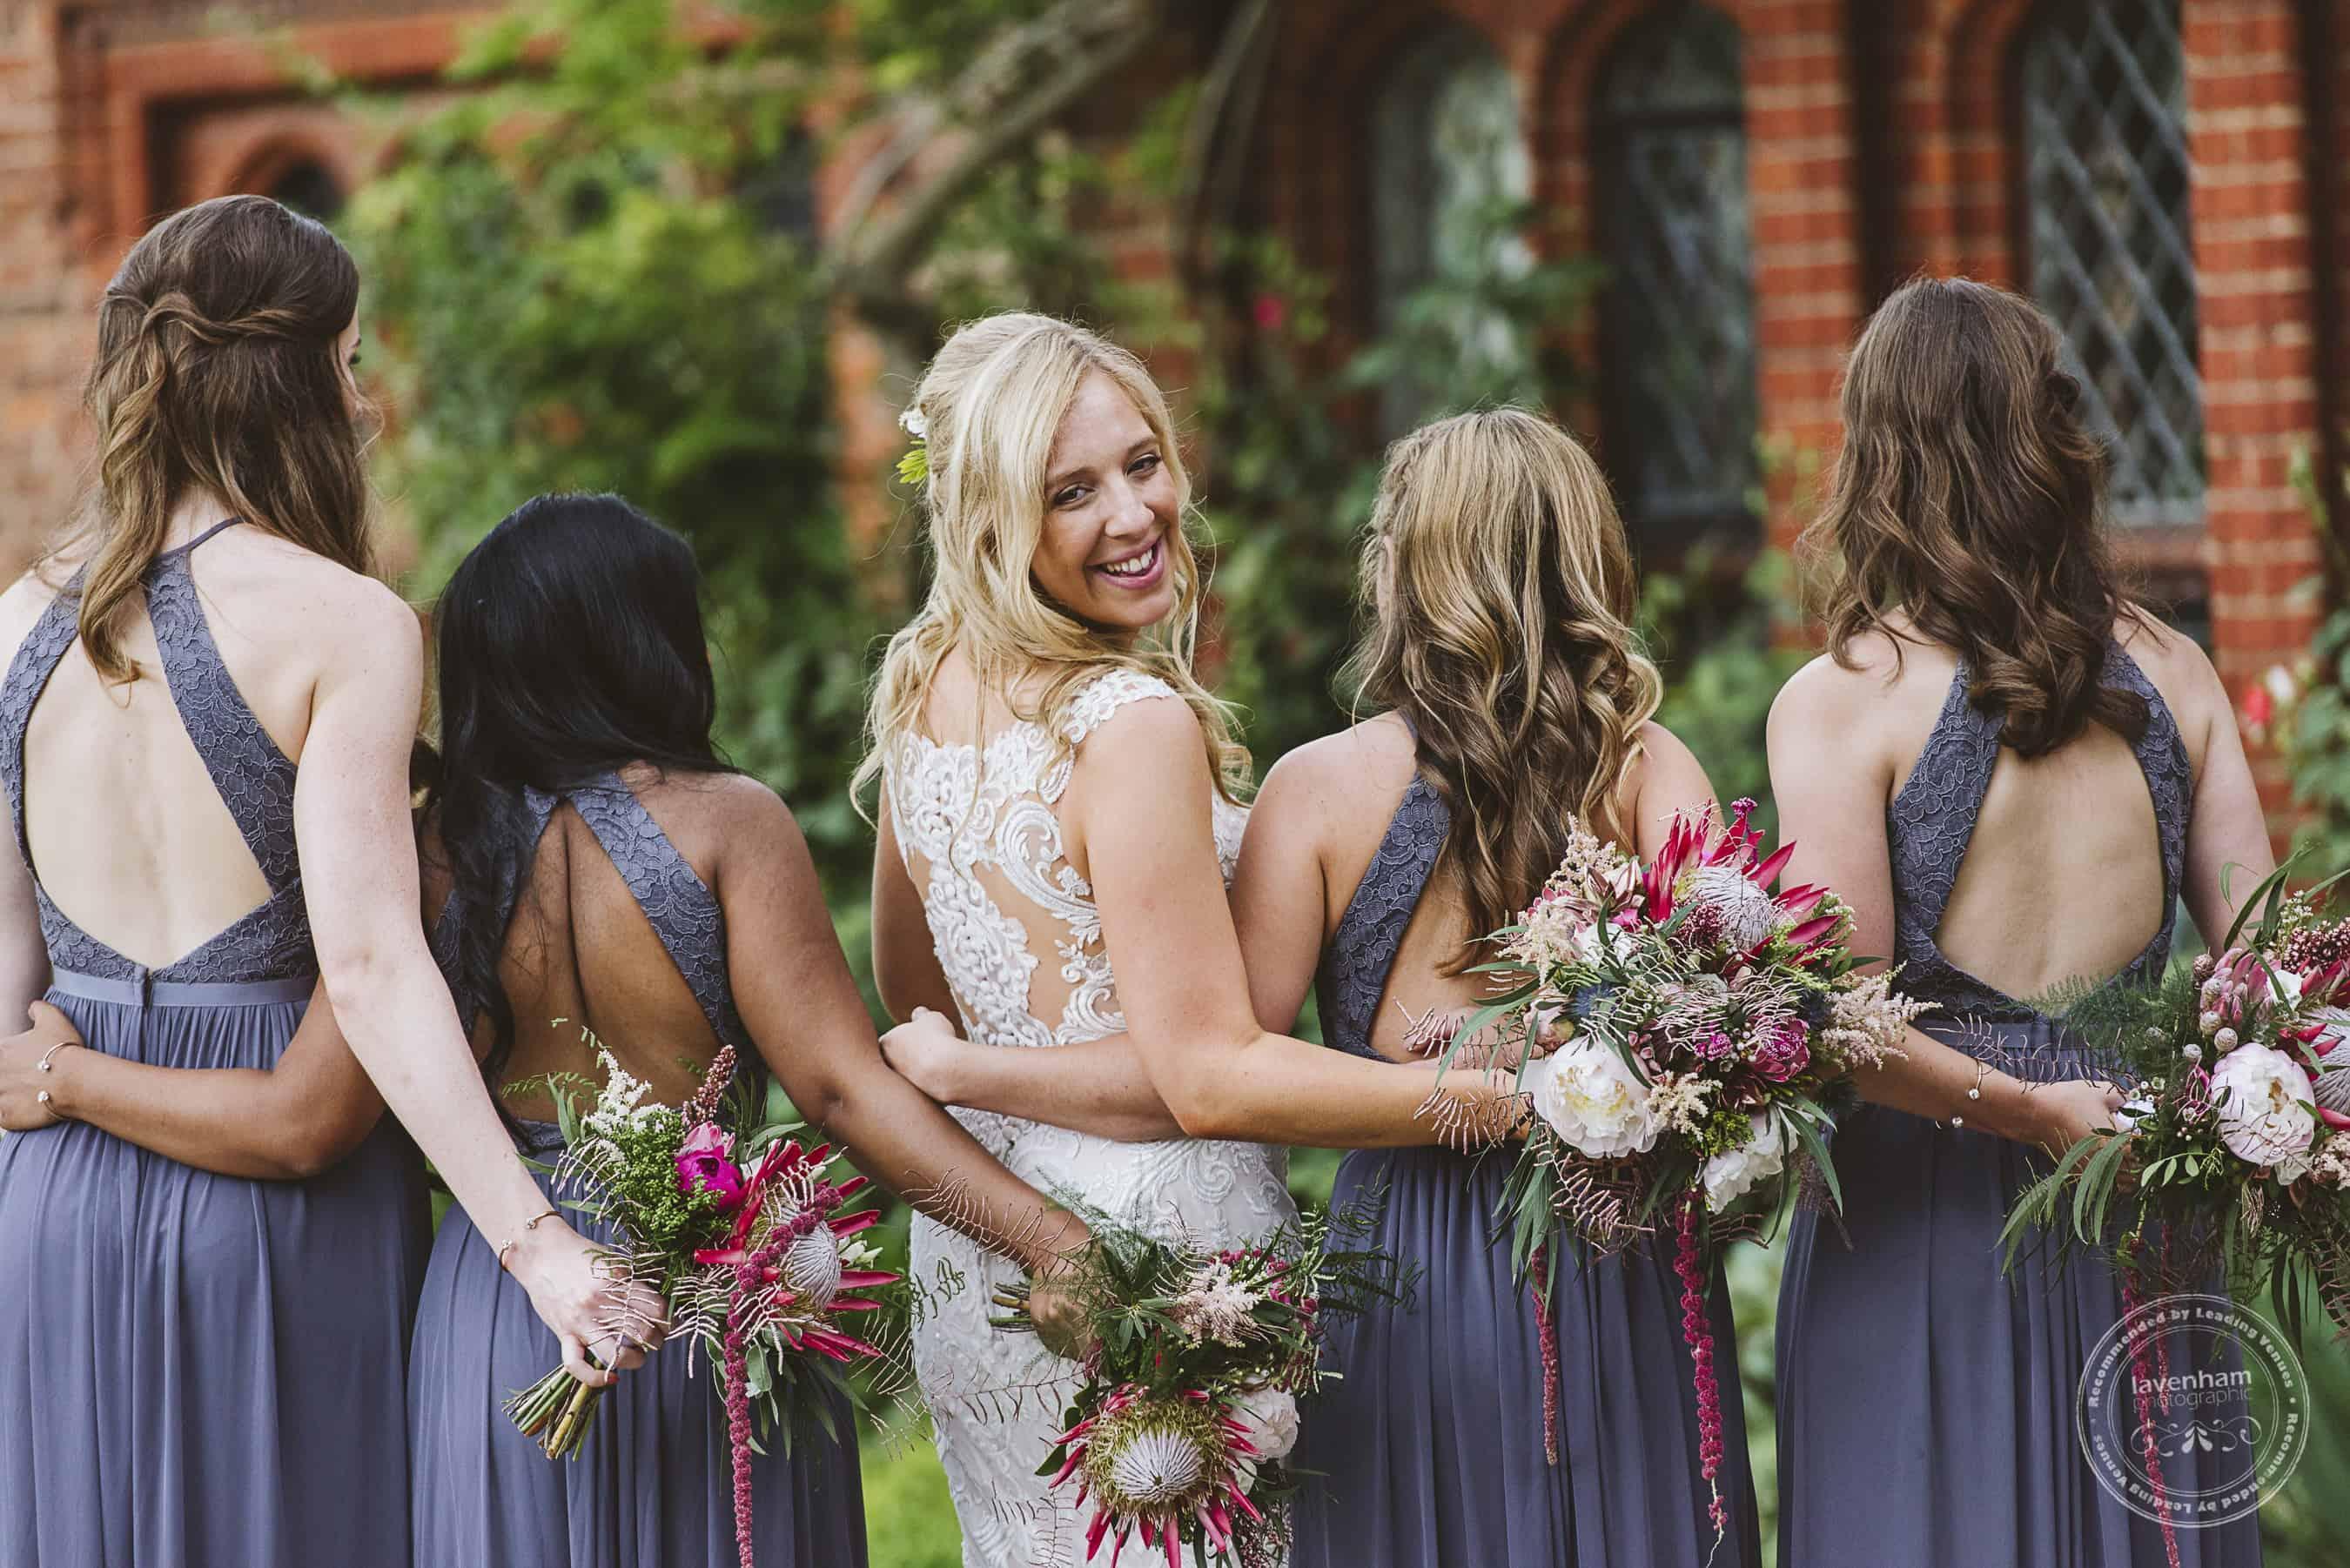 020618 Leez Priory Wedding Photography Lavenham Photographic 080